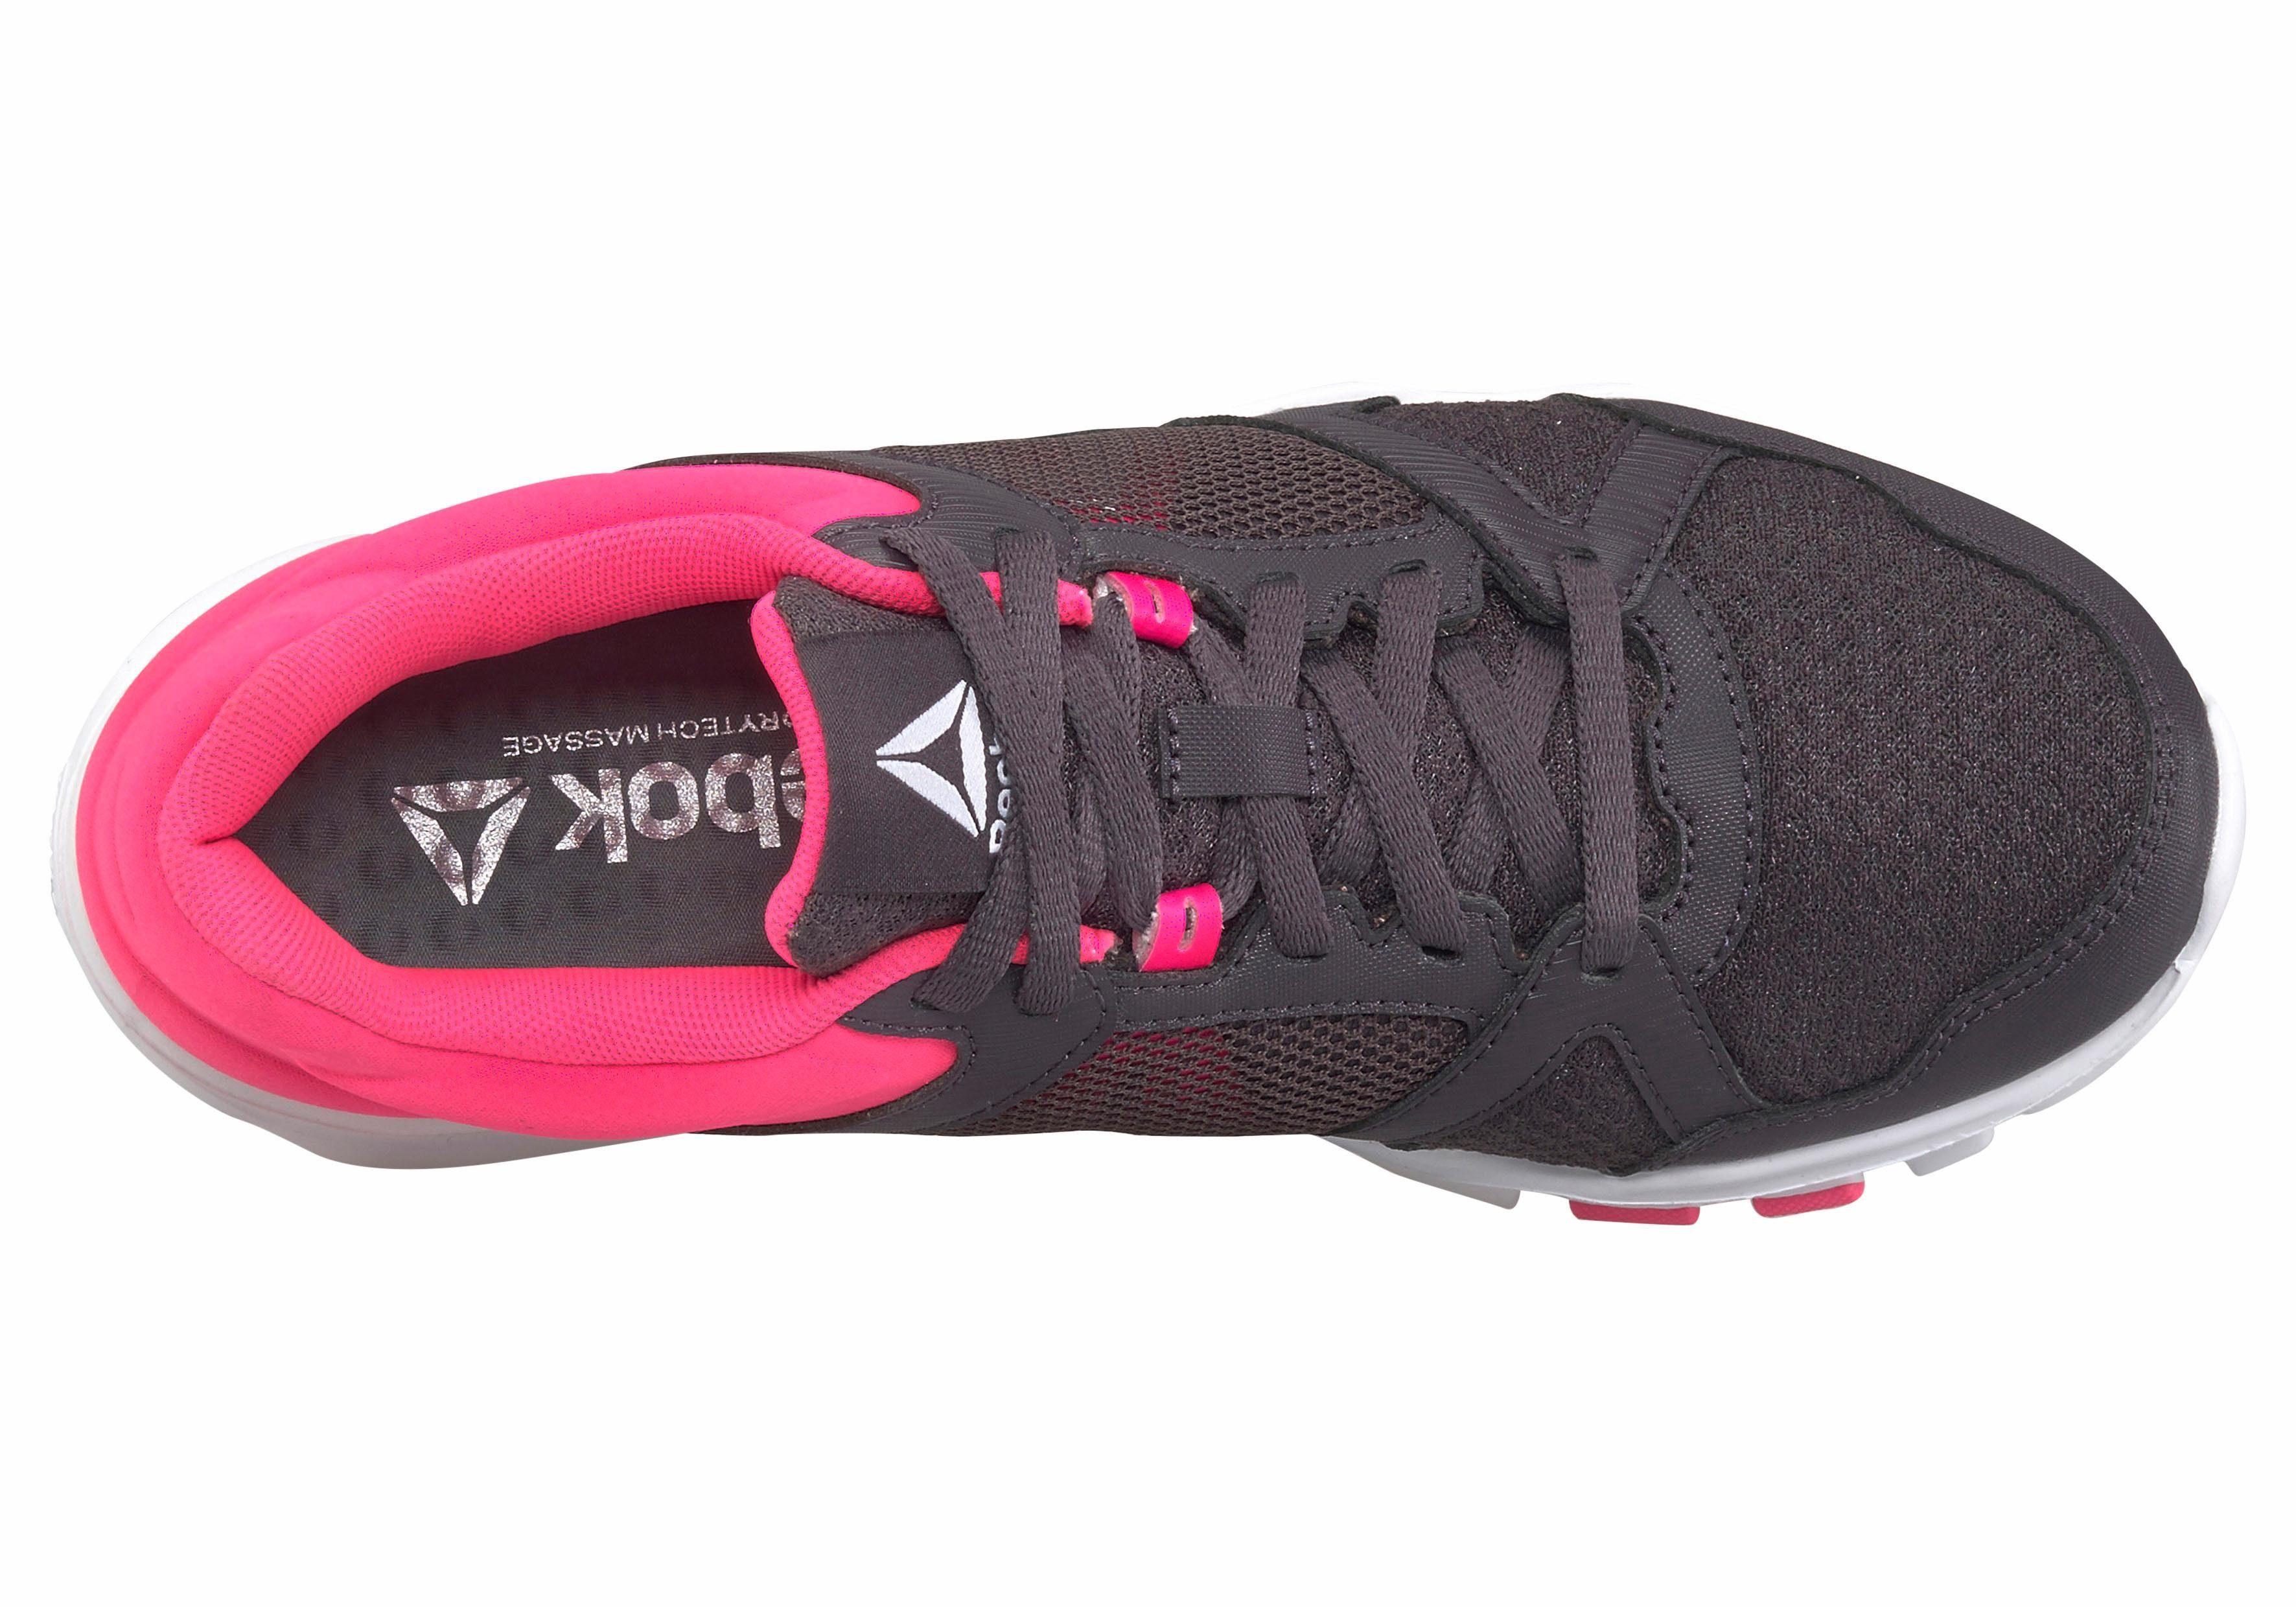 Reebok Yourflex Trainette Fitnessschuh kaufen  pflaume-pink